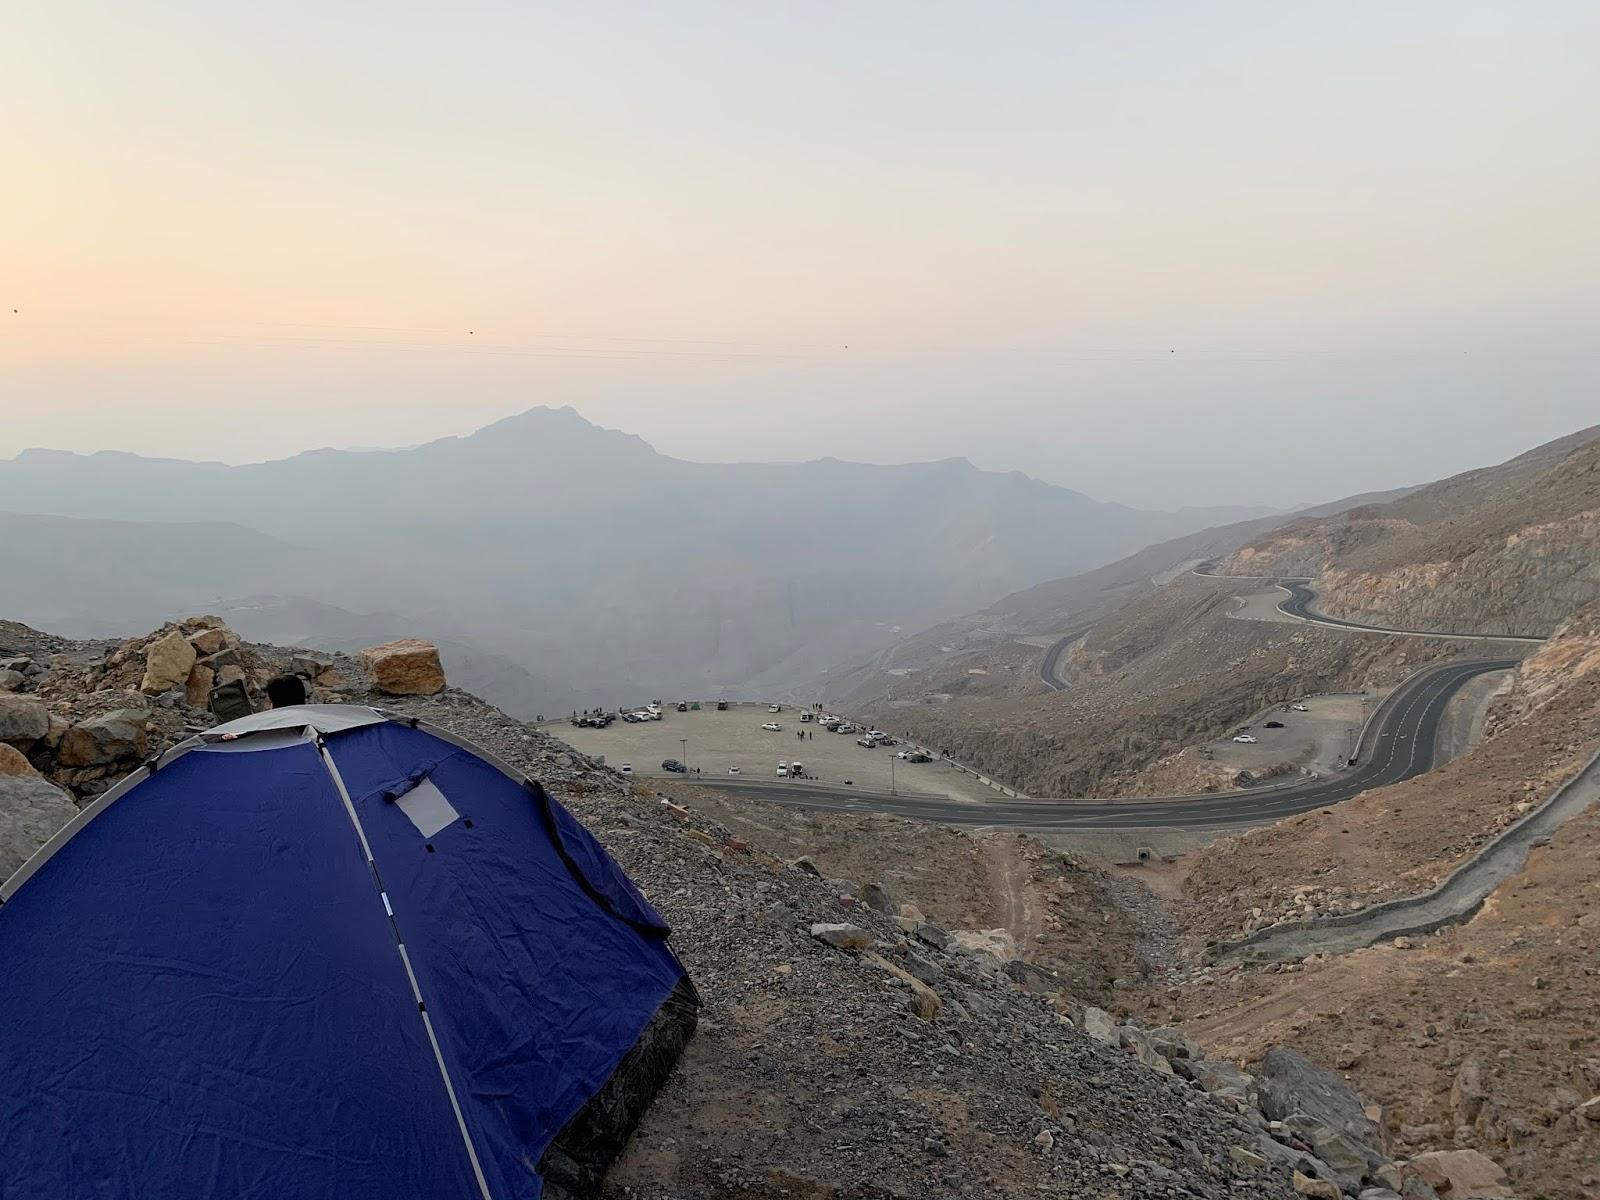 My Yellow Bells : Camping at Jebel Jais, Ras Al Khaimah